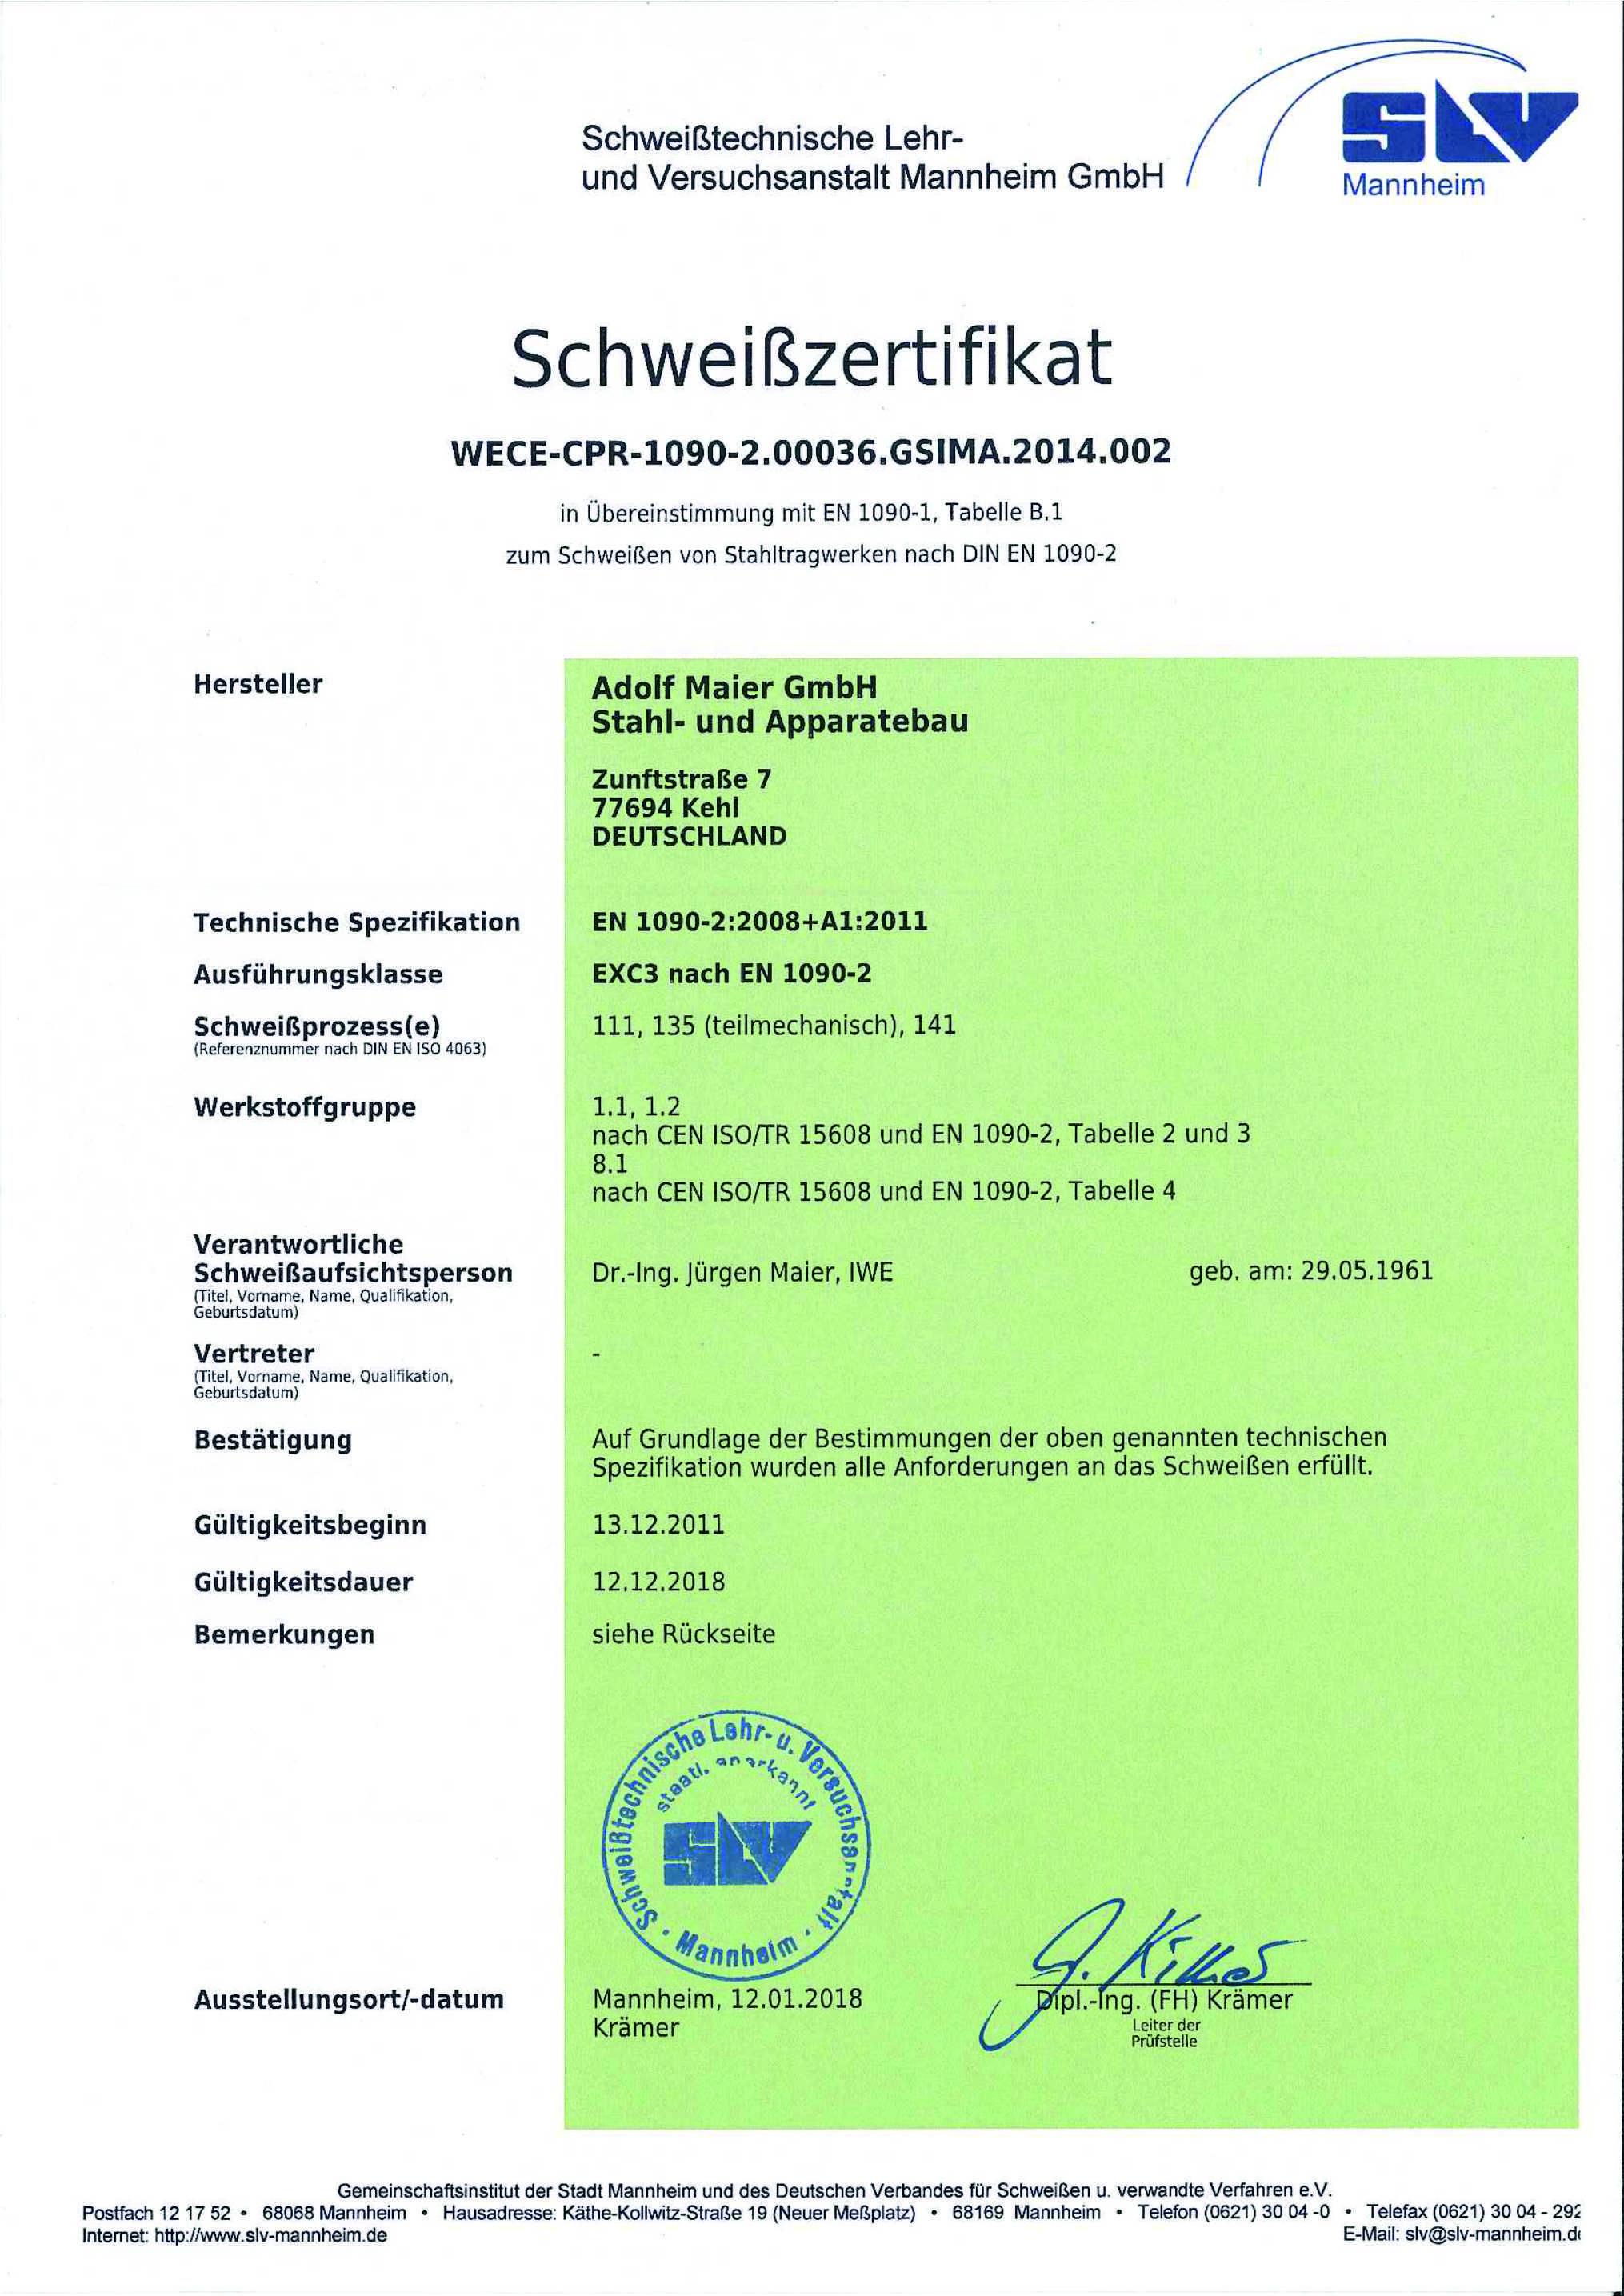 Schweisszertifikat_bis_12.2018_Dr